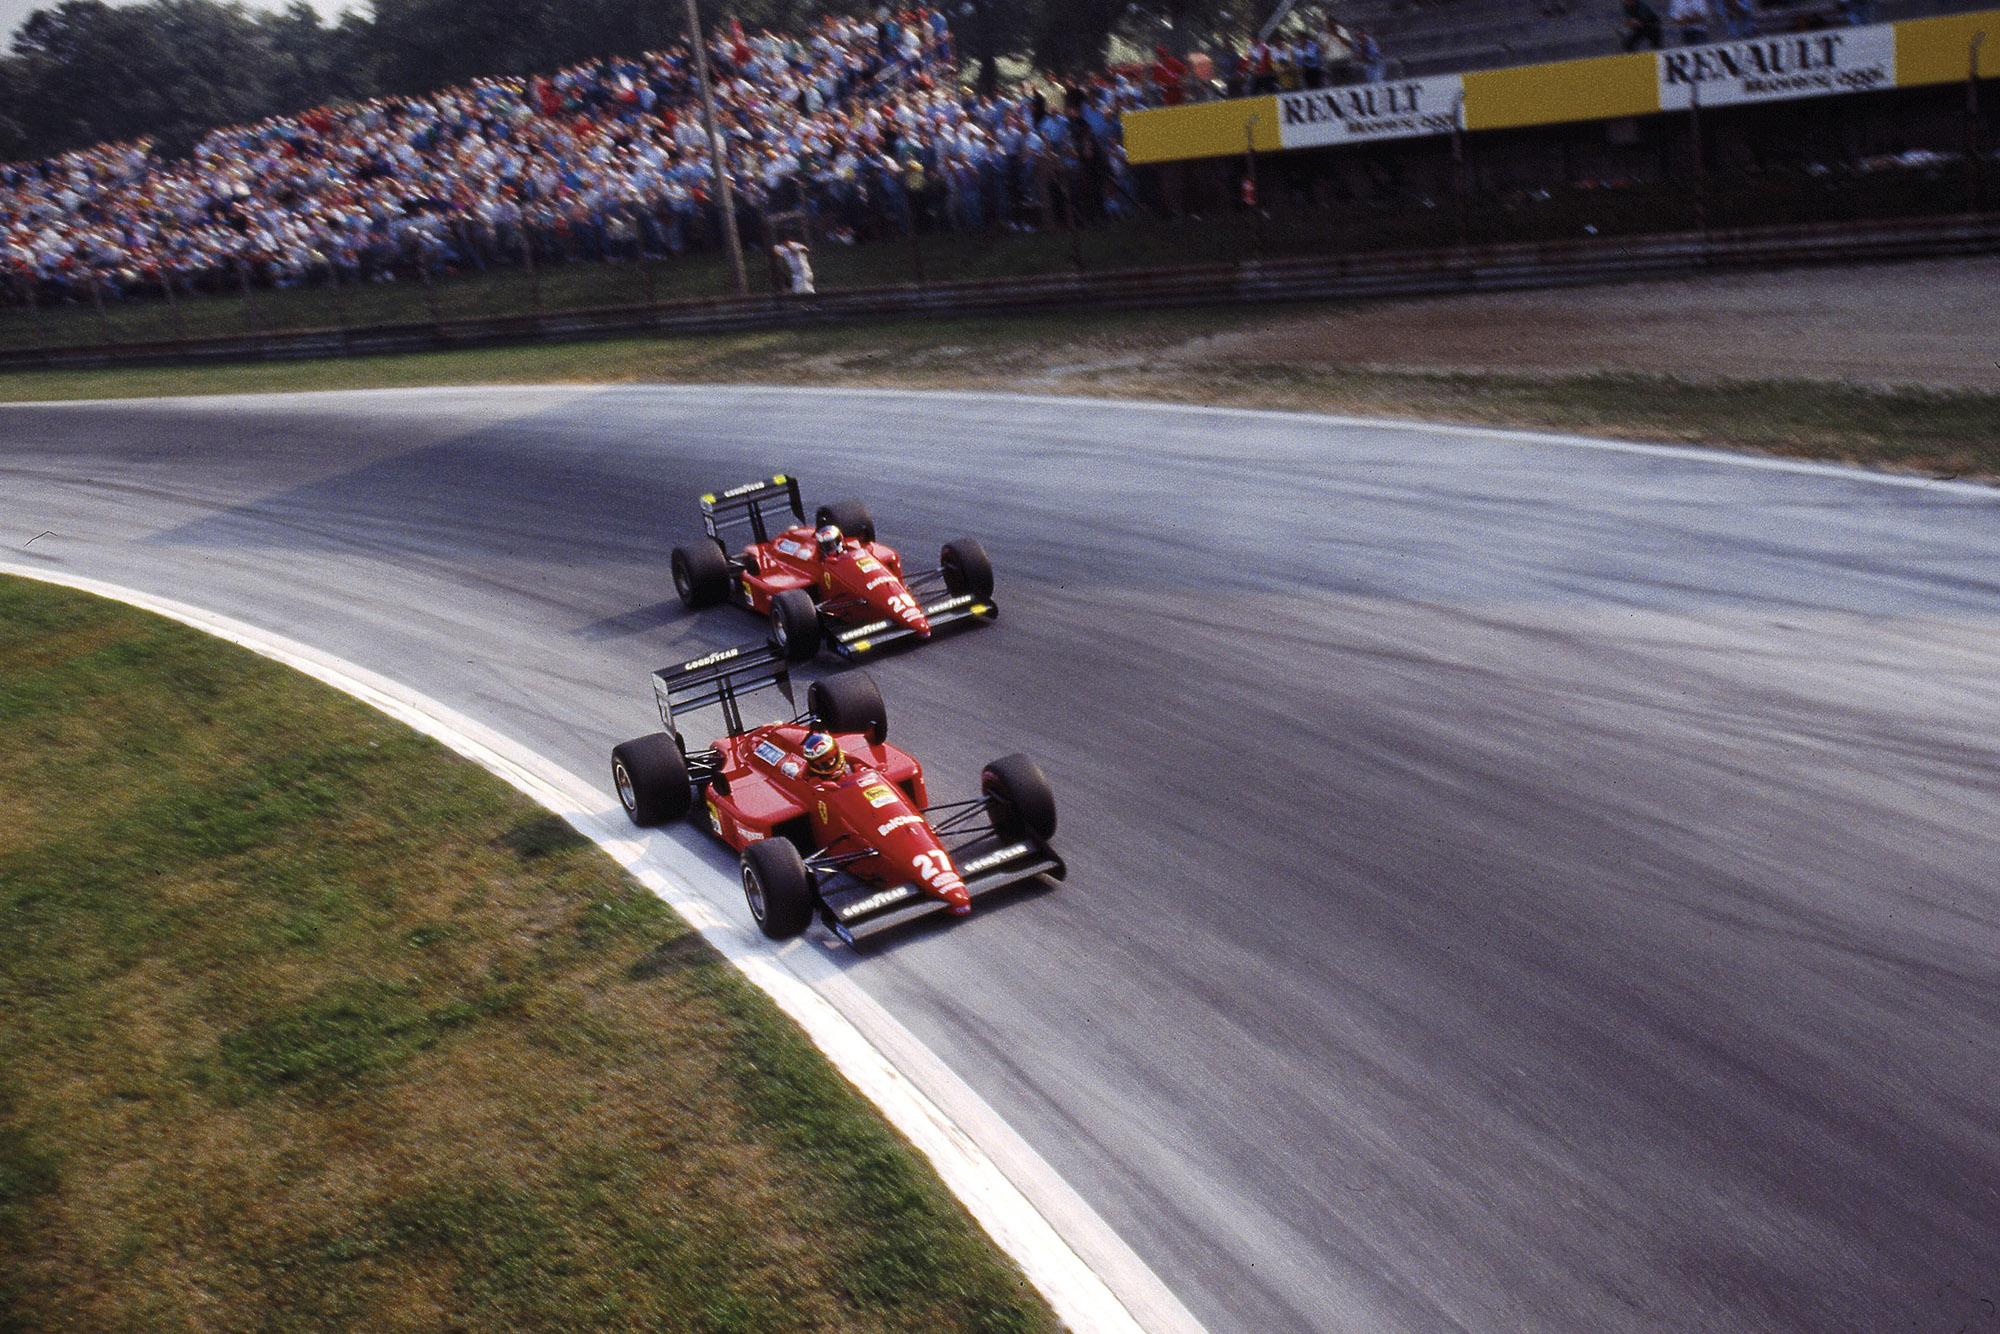 1988 Ferrari Monza